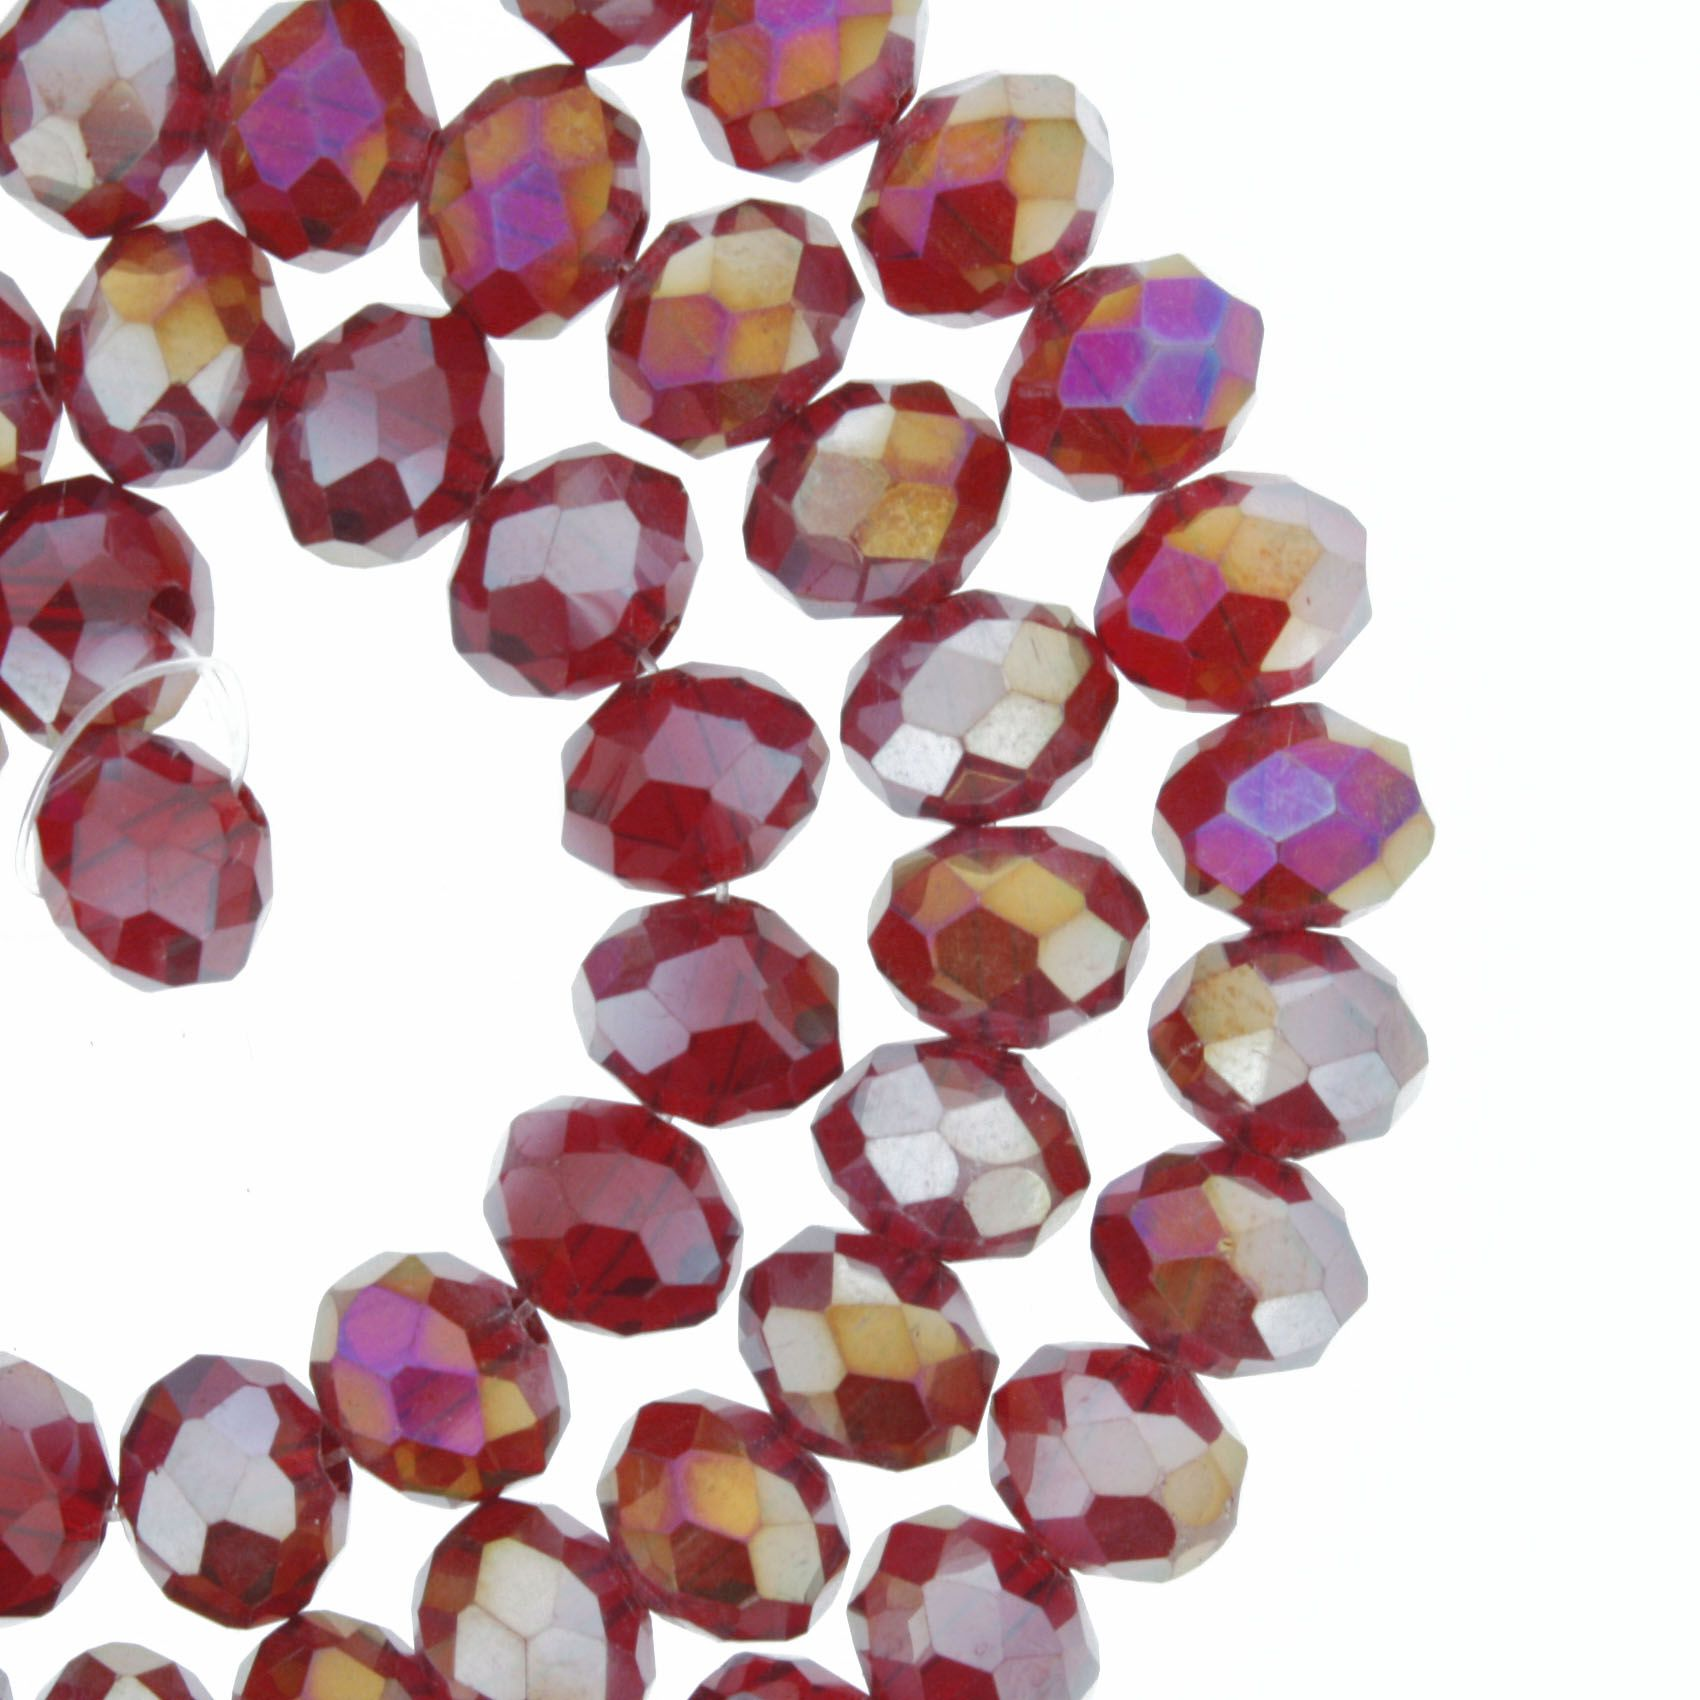 Fio de Cristal - Flat® - Vermelho Escuro Transparente Irizado - 8mm  - Stéphanie Bijoux® - Peças para Bijuterias e Artesanato